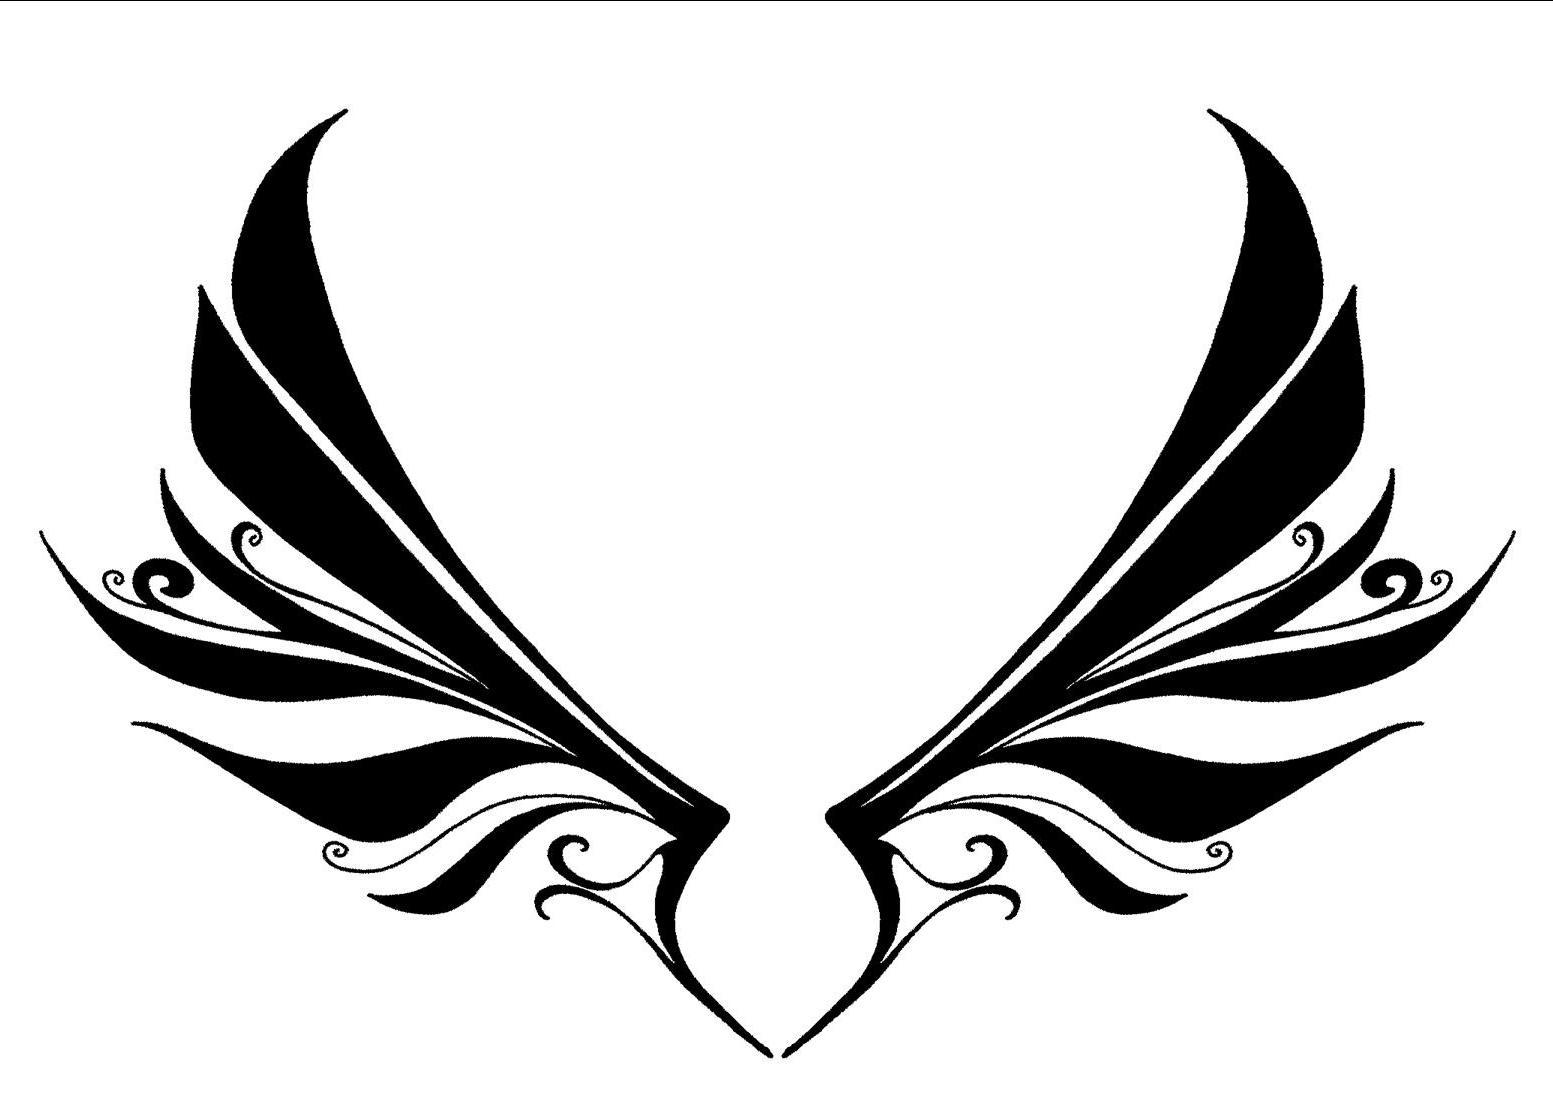 Drawn angel logo #8